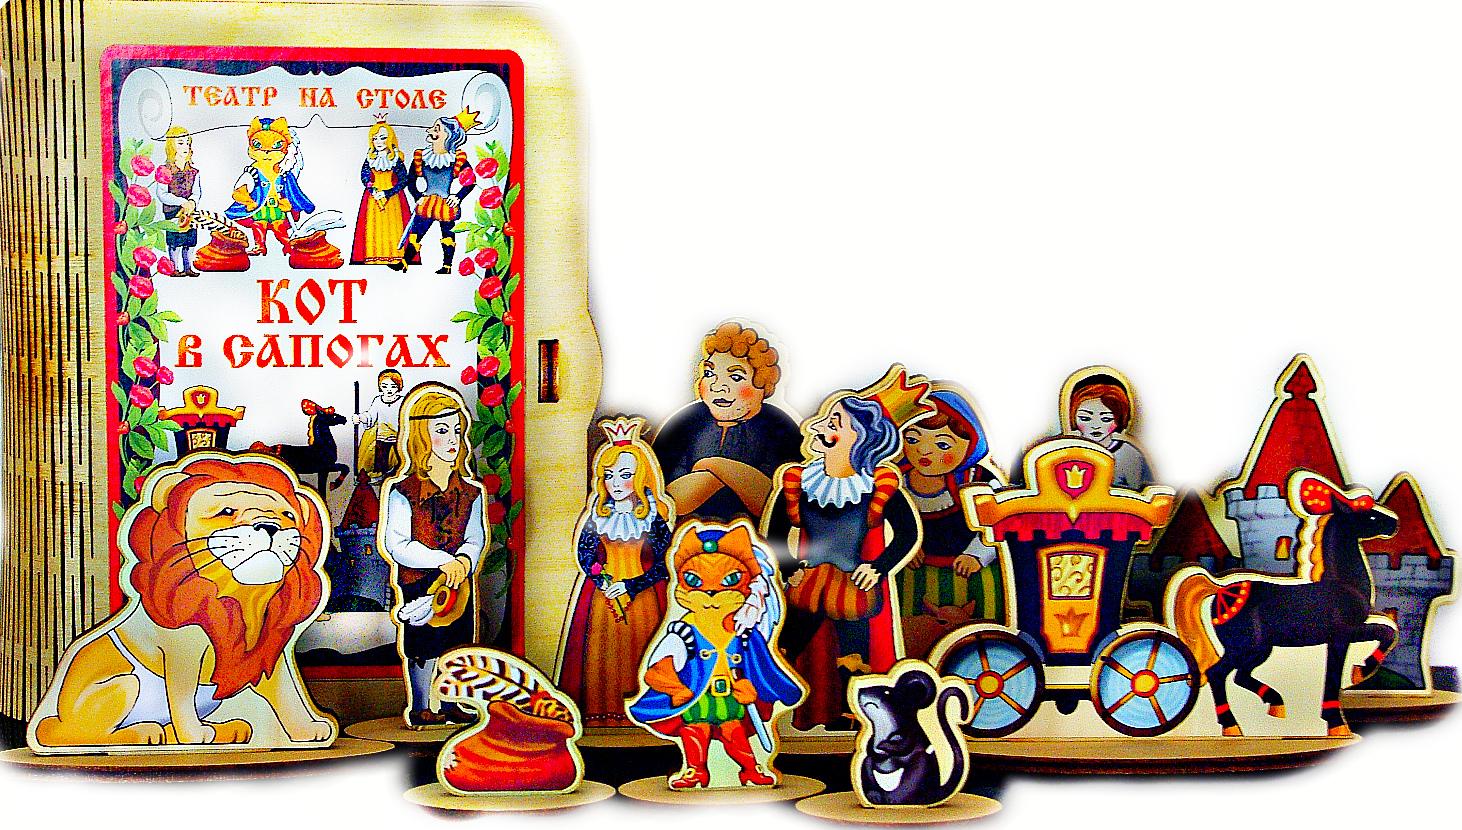 Театр на столе - Кот в сапогахДетский кукольный театр <br>Театр на столе - Кот в сапогах<br>